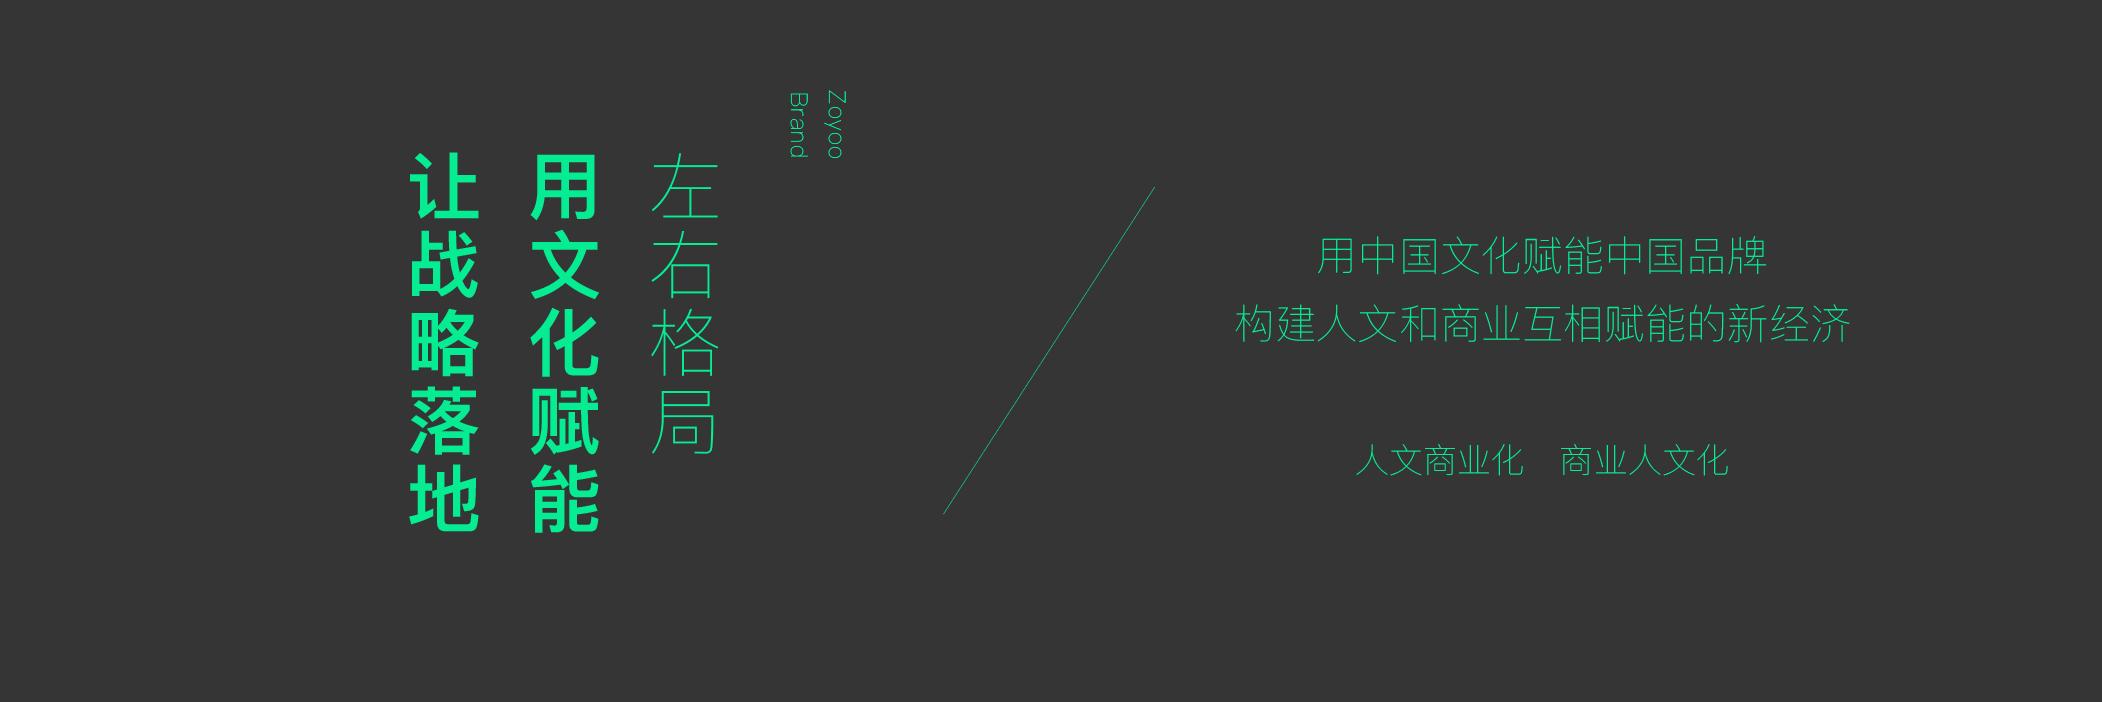 深圳高端vi设计公司-深圳vi设计/深圳众鑫国际 体育设计